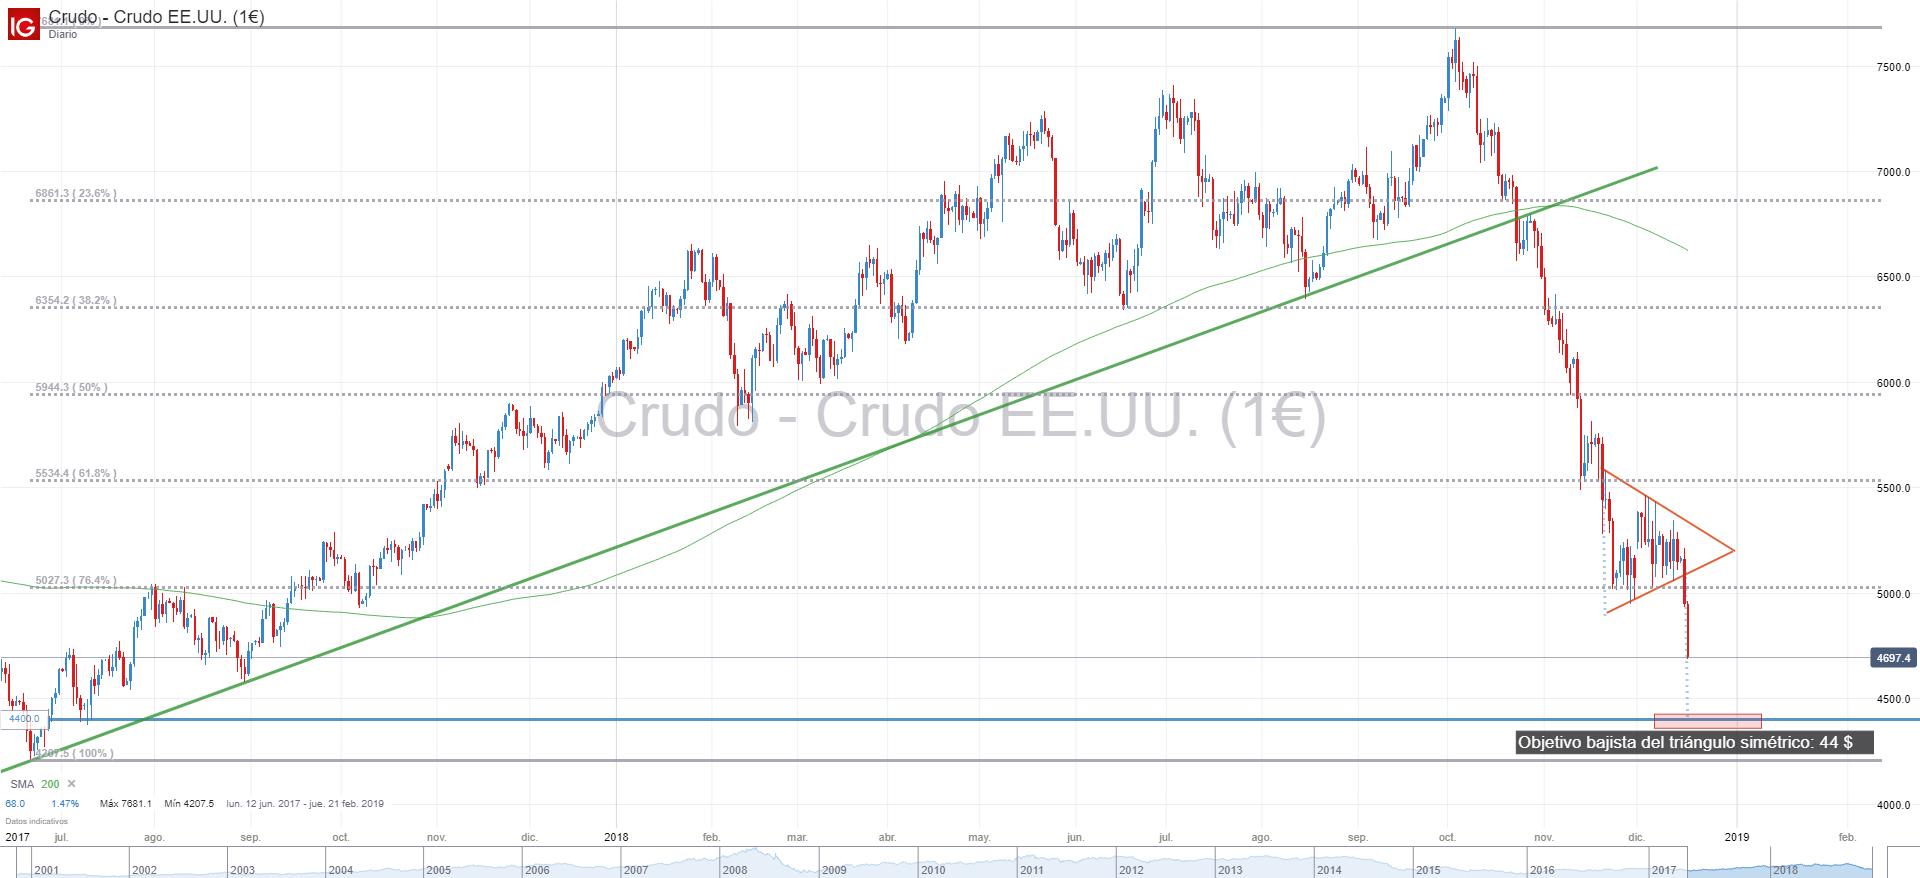 Análisis técnico: El precio del petróleo valida un patrón de ...